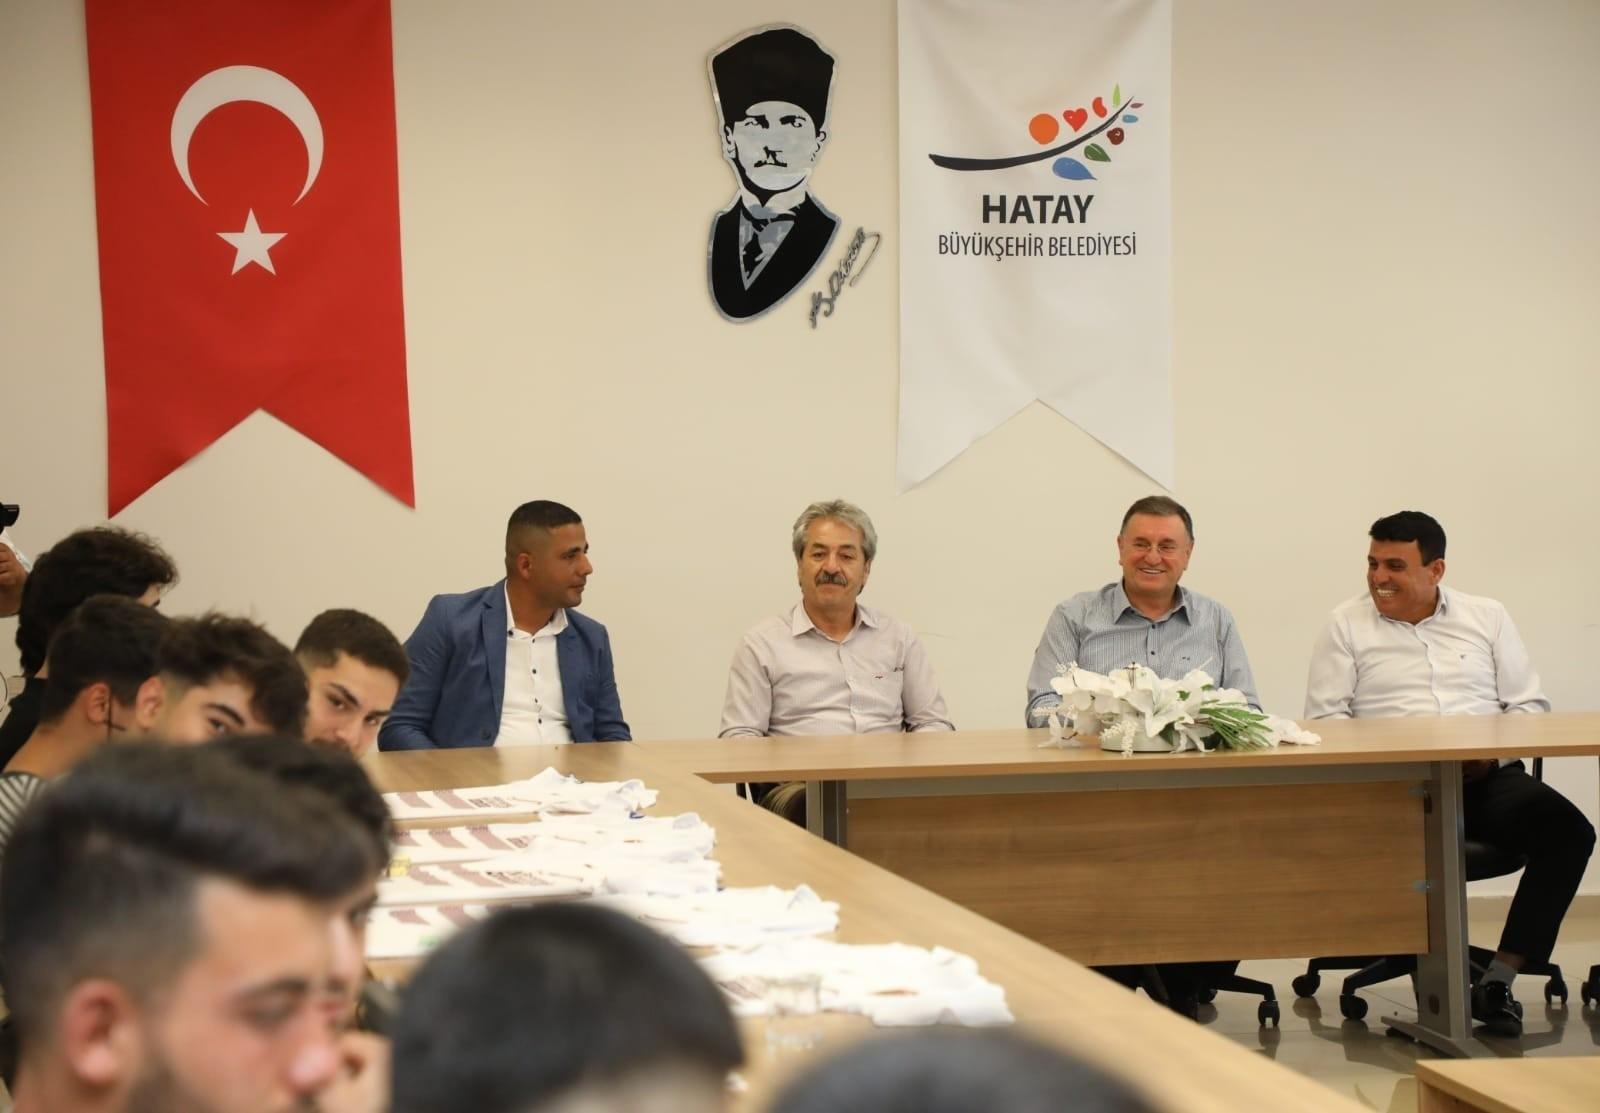 """Başkan Savaş: """"Hatay'da birlik ve beraberliği tesis ettik"""""""